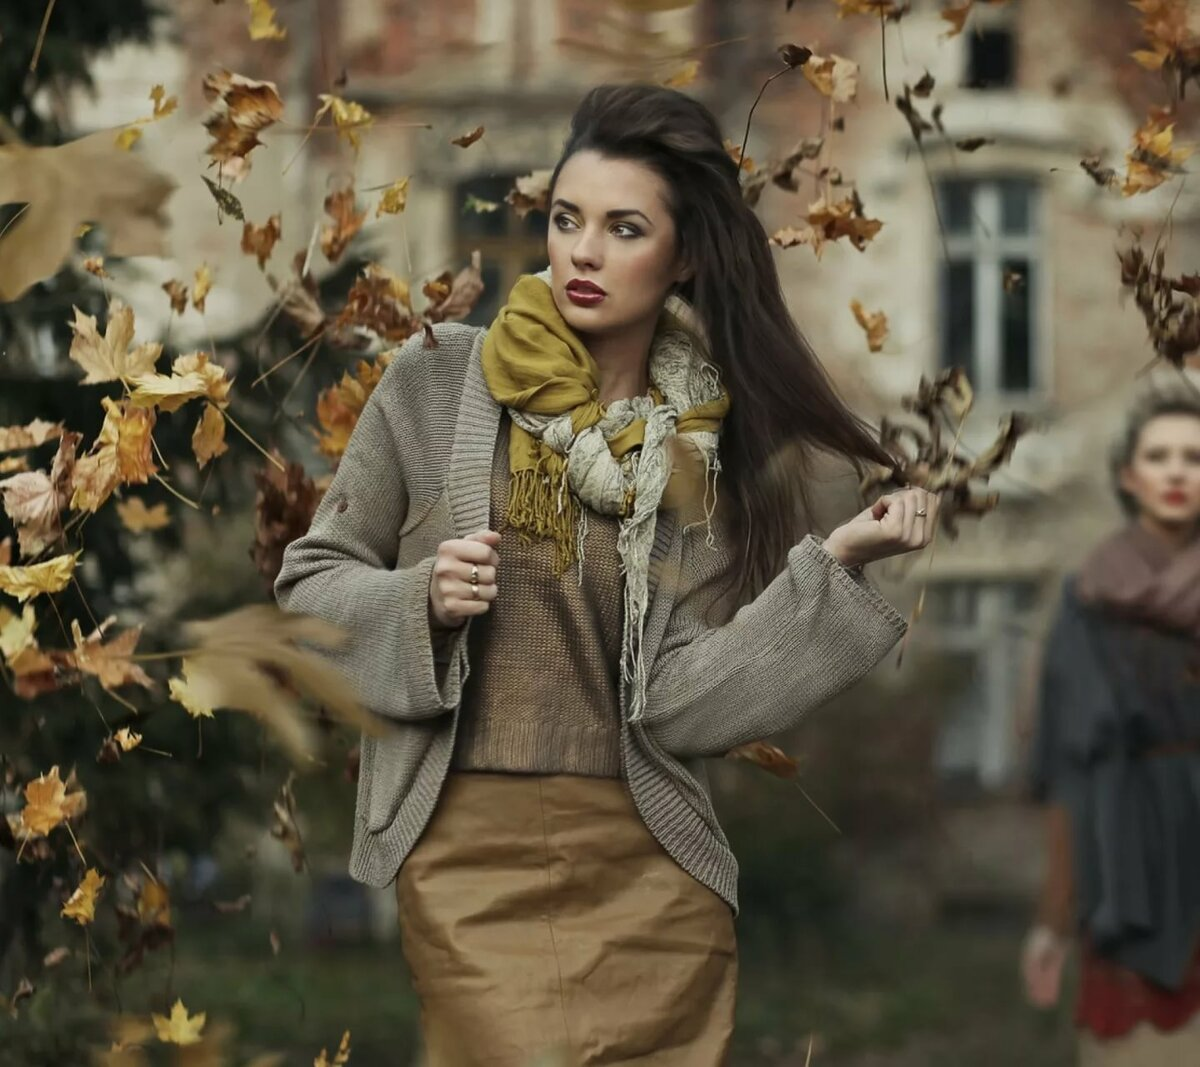 женская мода в картинках осень